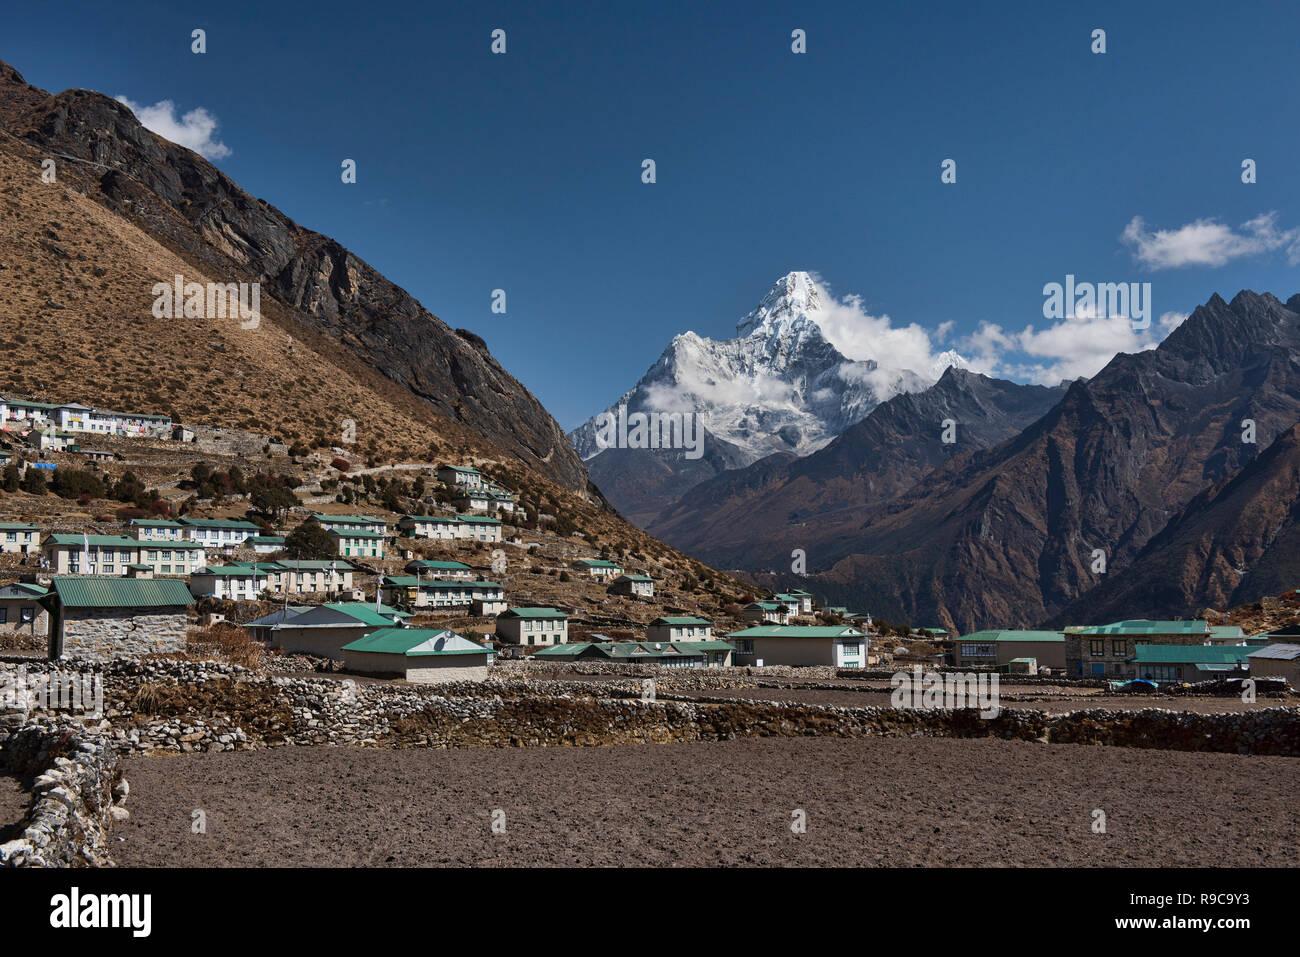 Ama Dablam behind the village of Khumjung, Everest region, Khumbu, Nepal - Stock Image